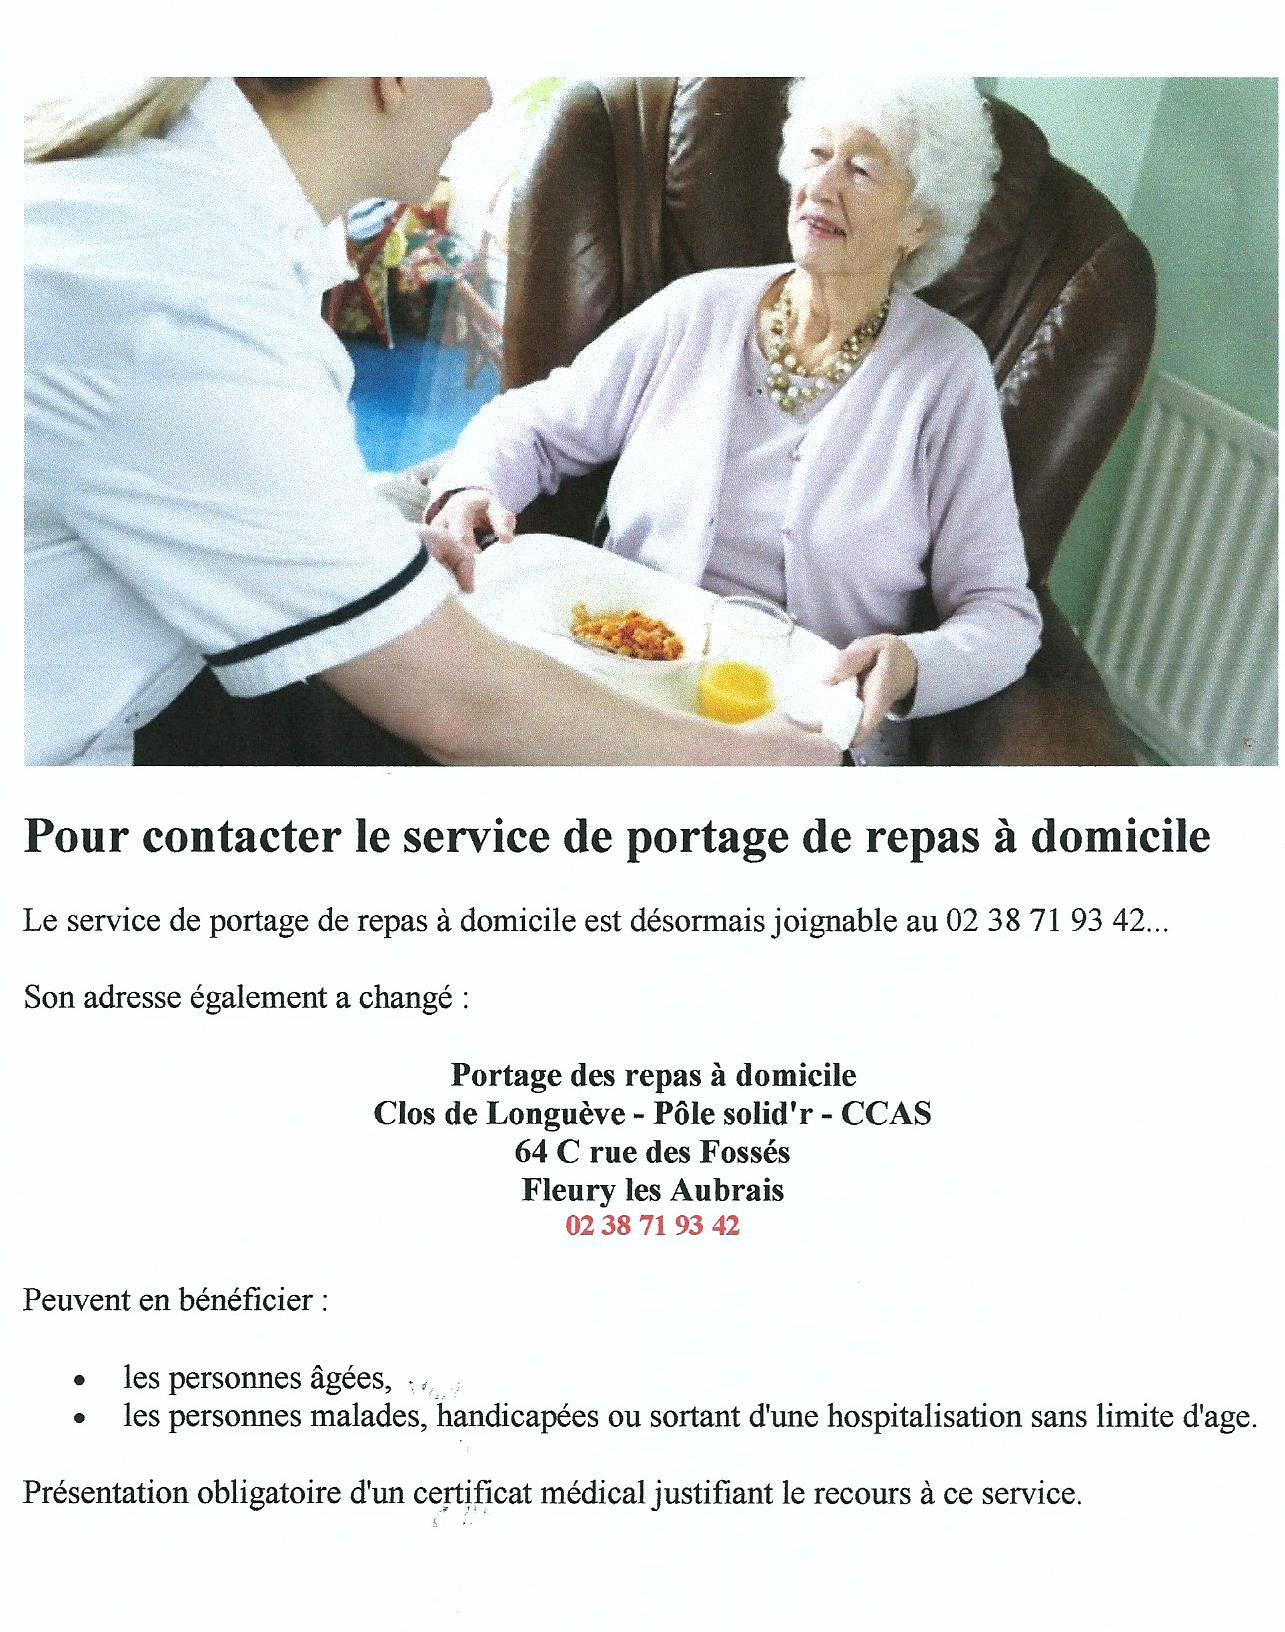 Scan Pour contacter le service de portage de repas à domicile 2.jpg